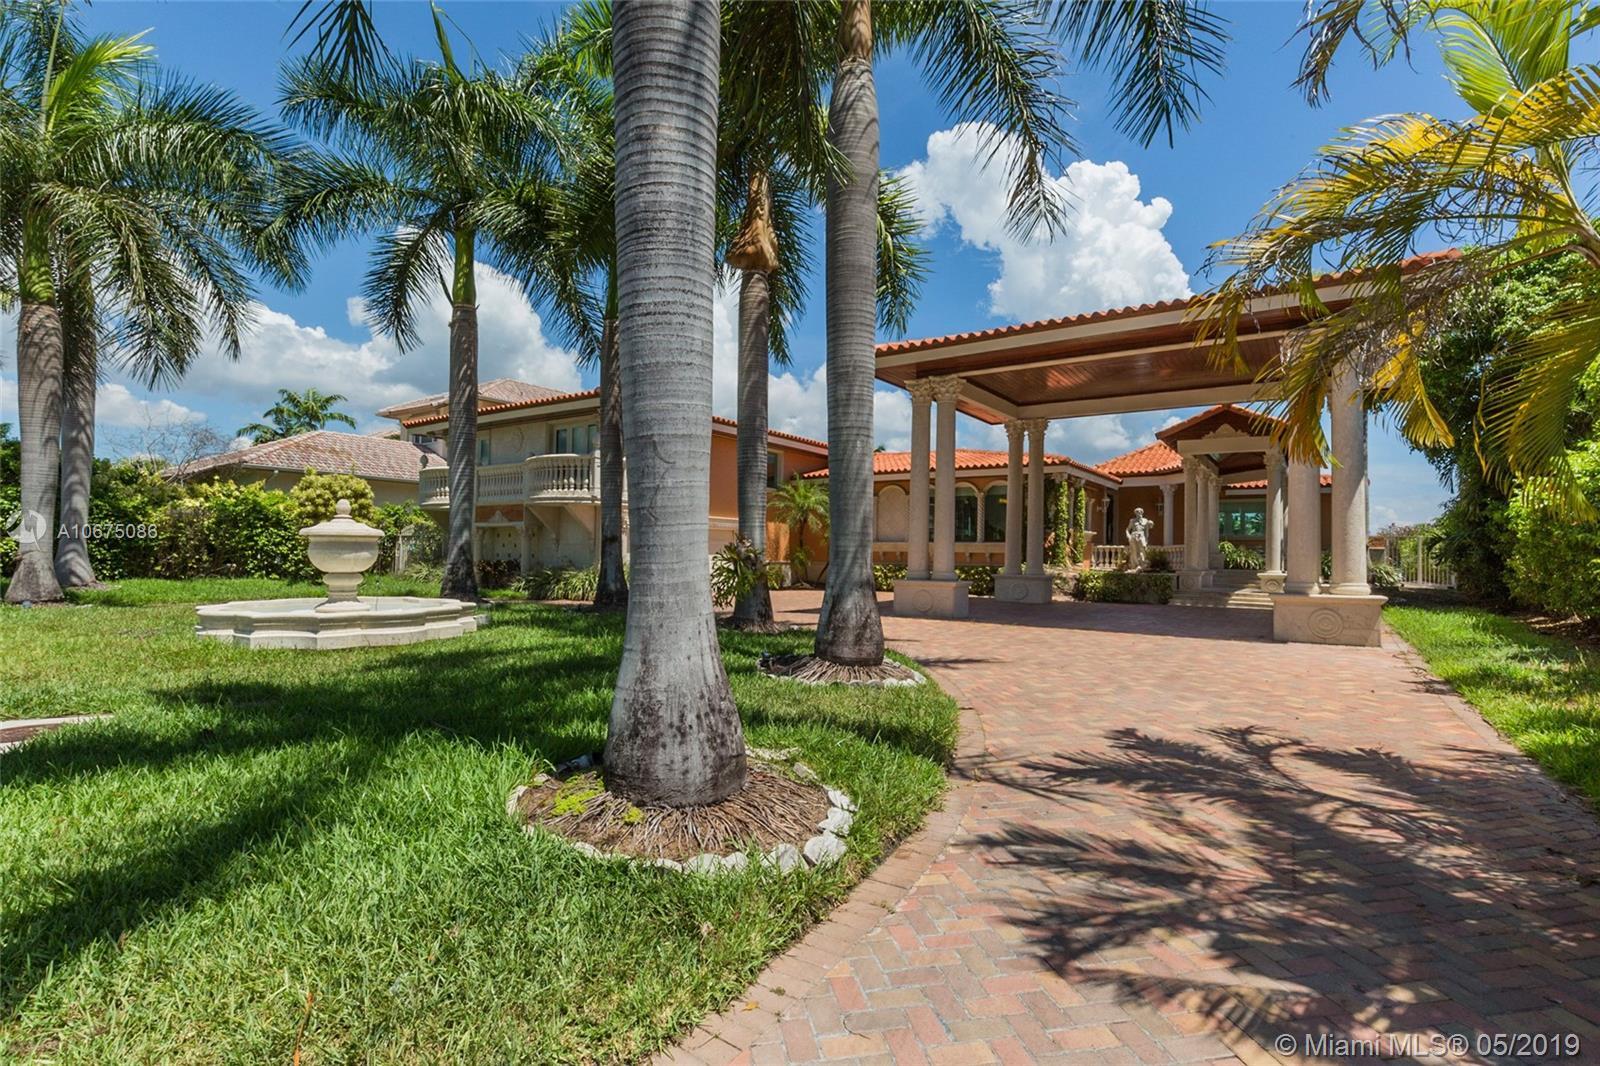 1249 Biscaya Dr, Surfside, FL 33154 - Surfside, FL real estate listing